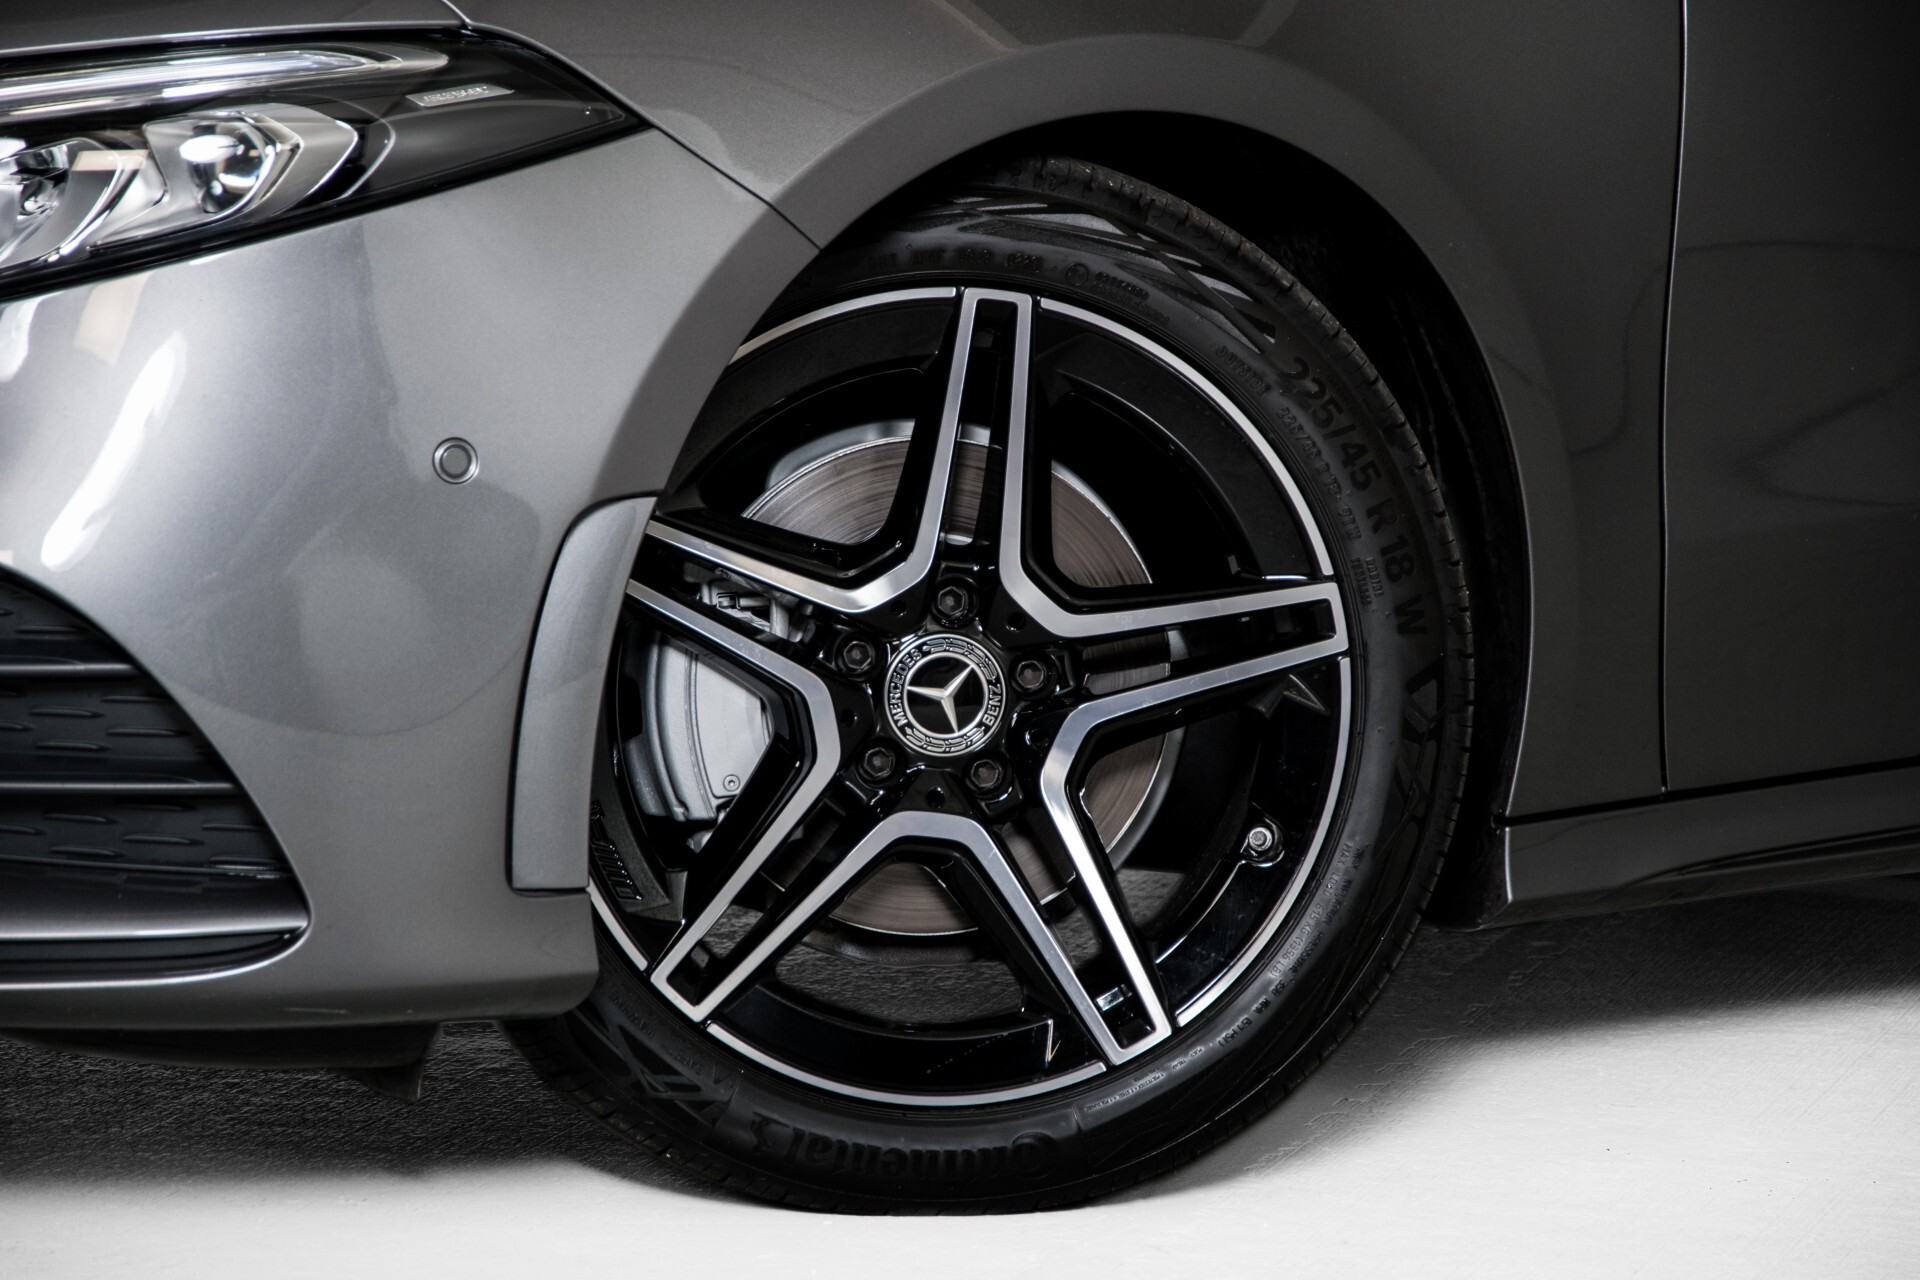 Mercedes-Benz A-Klasse 180 d AMG Panorama/MBUX/DAB/LED Aut7 Foto 53